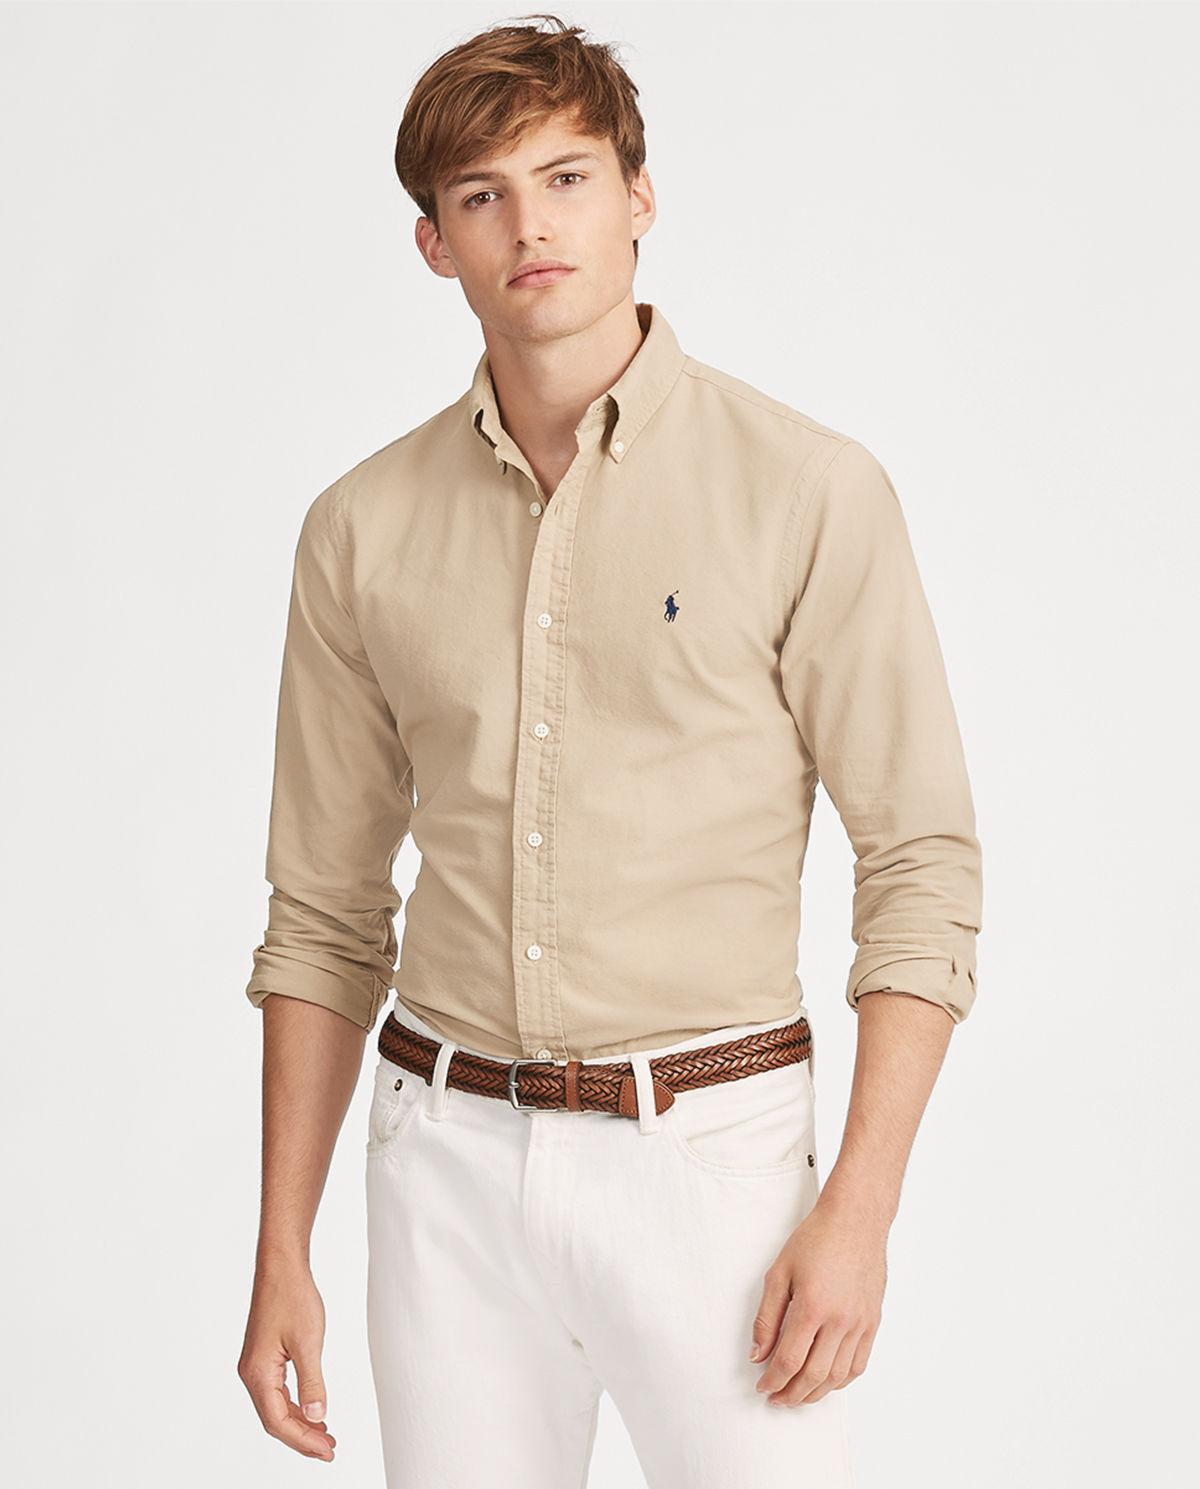 7a3ba41b9 Koszula slim fit oxford RALPH LAUREN – Kup Teraz! Najlepsze ceny i opinie!  Sklep Moliera2.com